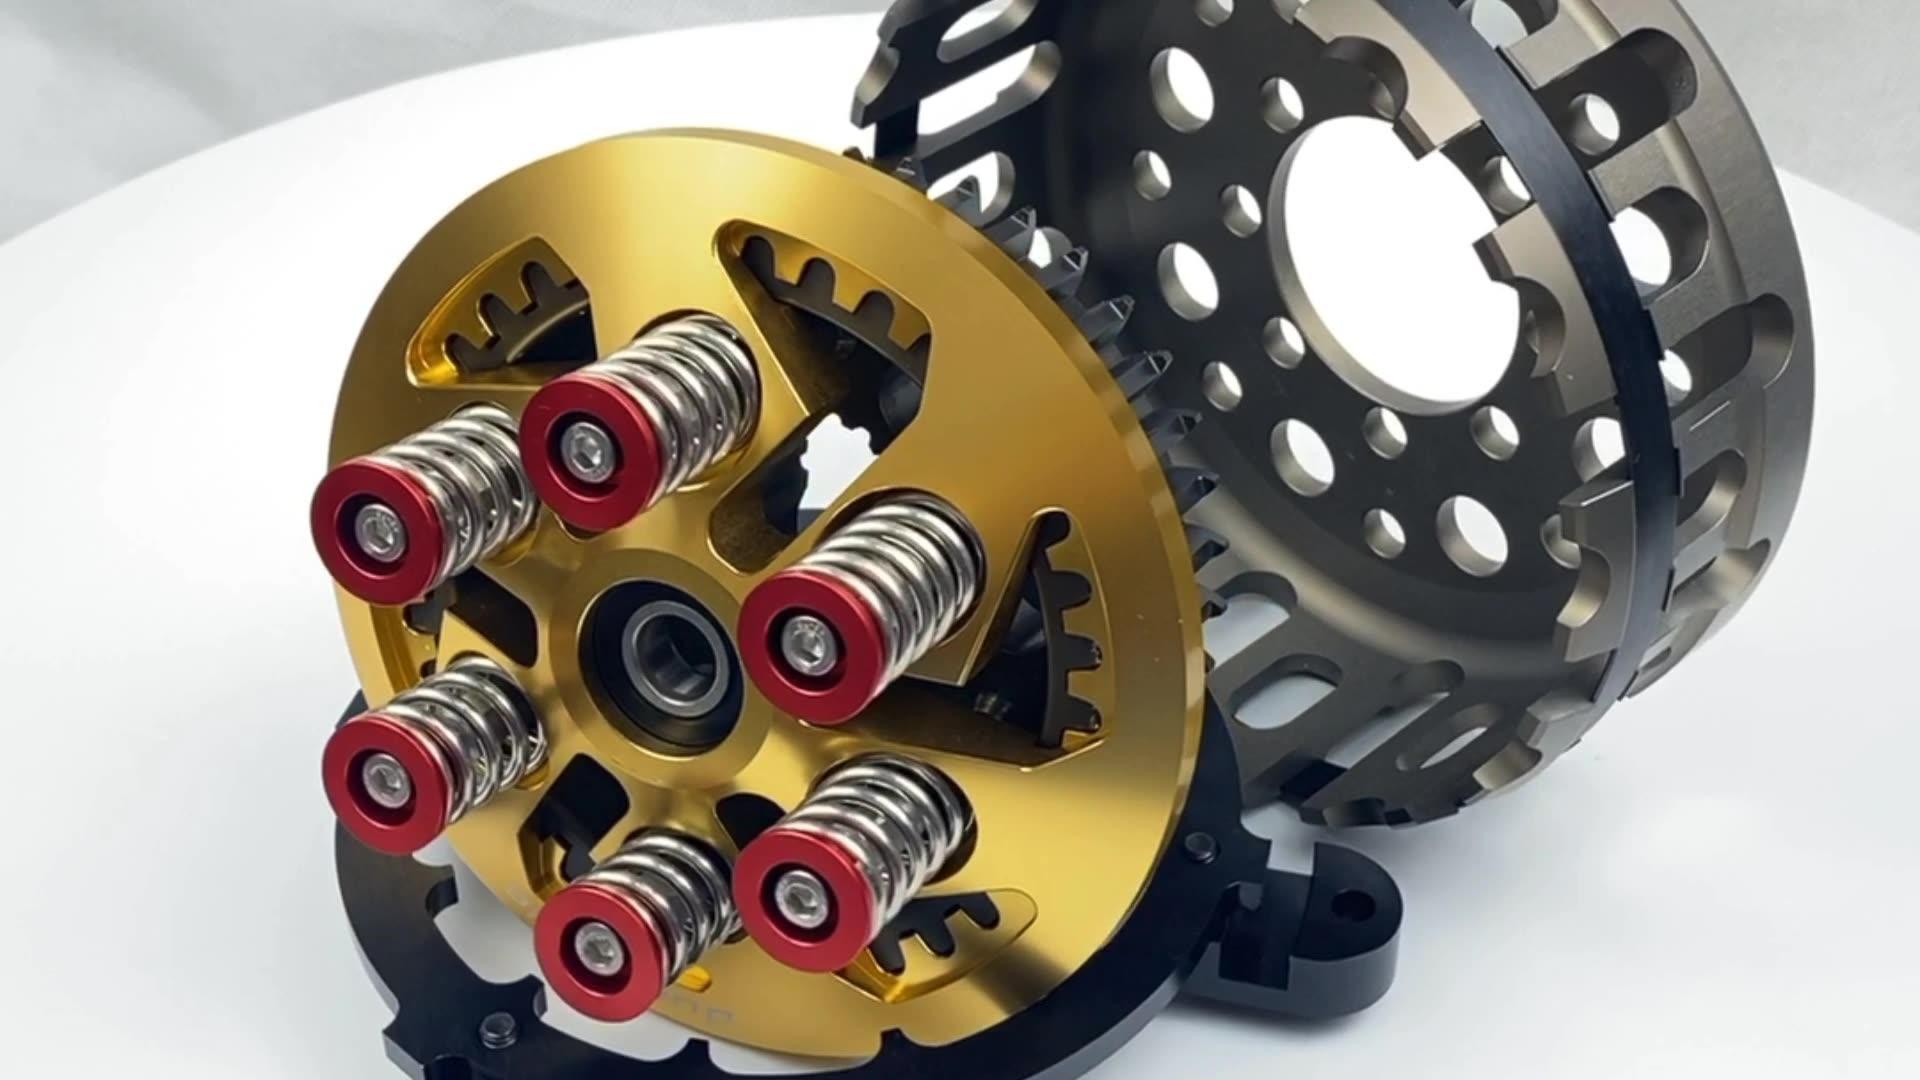 Top de Metal De Usinagem CNC Da Motocicleta Fabricante De Peças Sobressalentes OEM de Alumínio CNC Usinagem de Peças Da Motocicleta Embreagem Seca